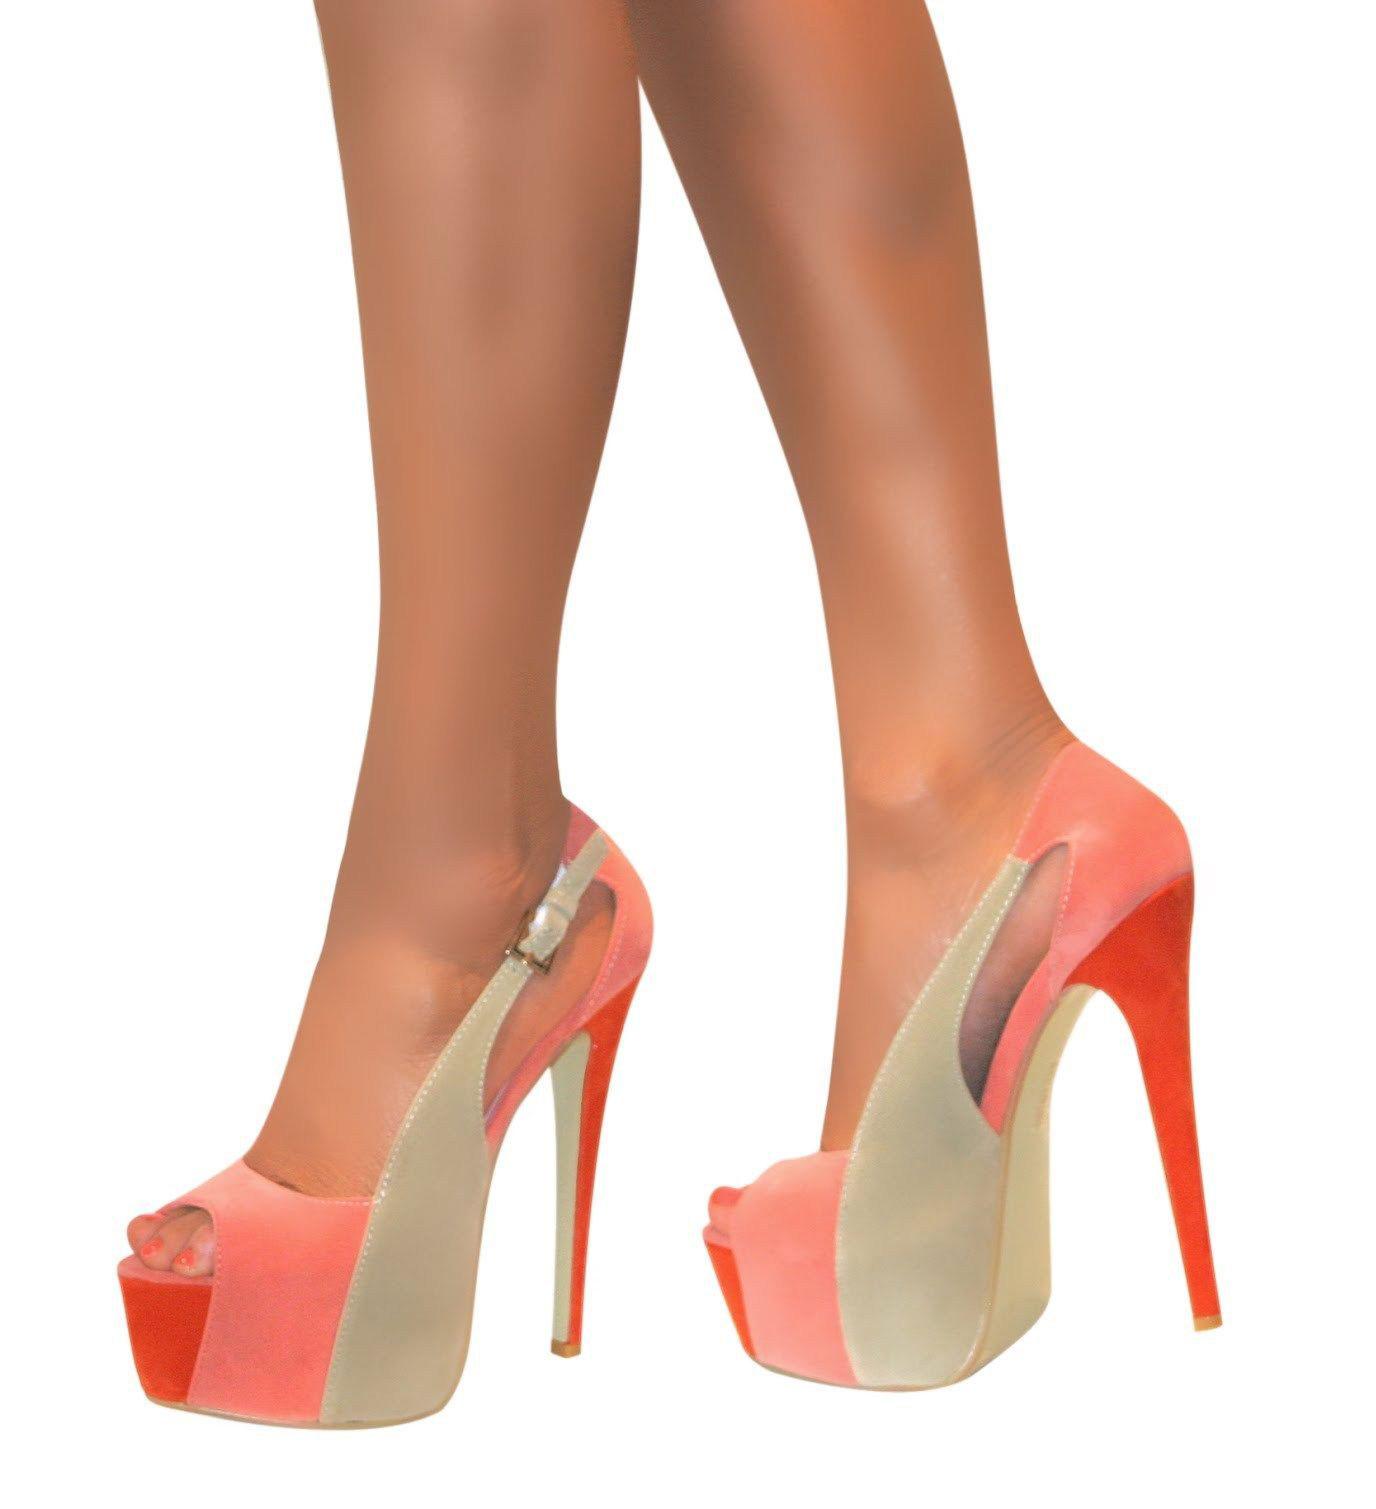 Da Donna con Cinturini Plateau Punta Aperta Stiletto Sandalo Scarpe Donna Tacco Alto Misura 38